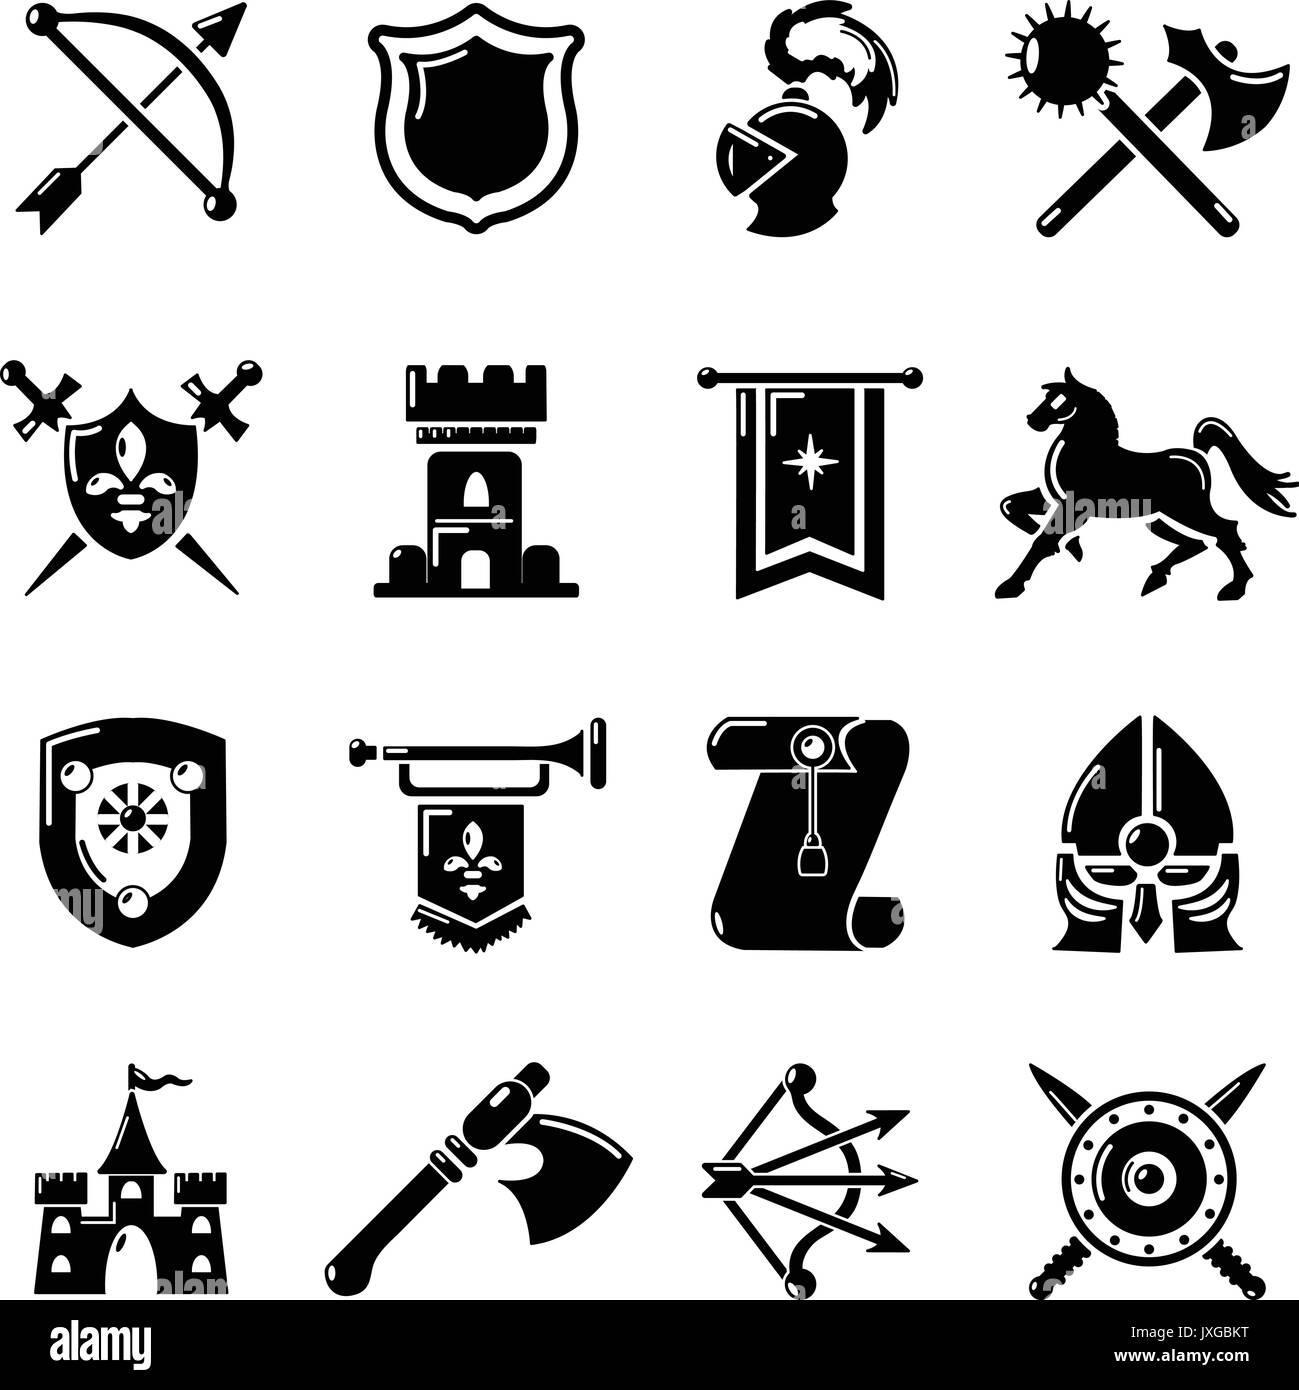 Rittersymbole